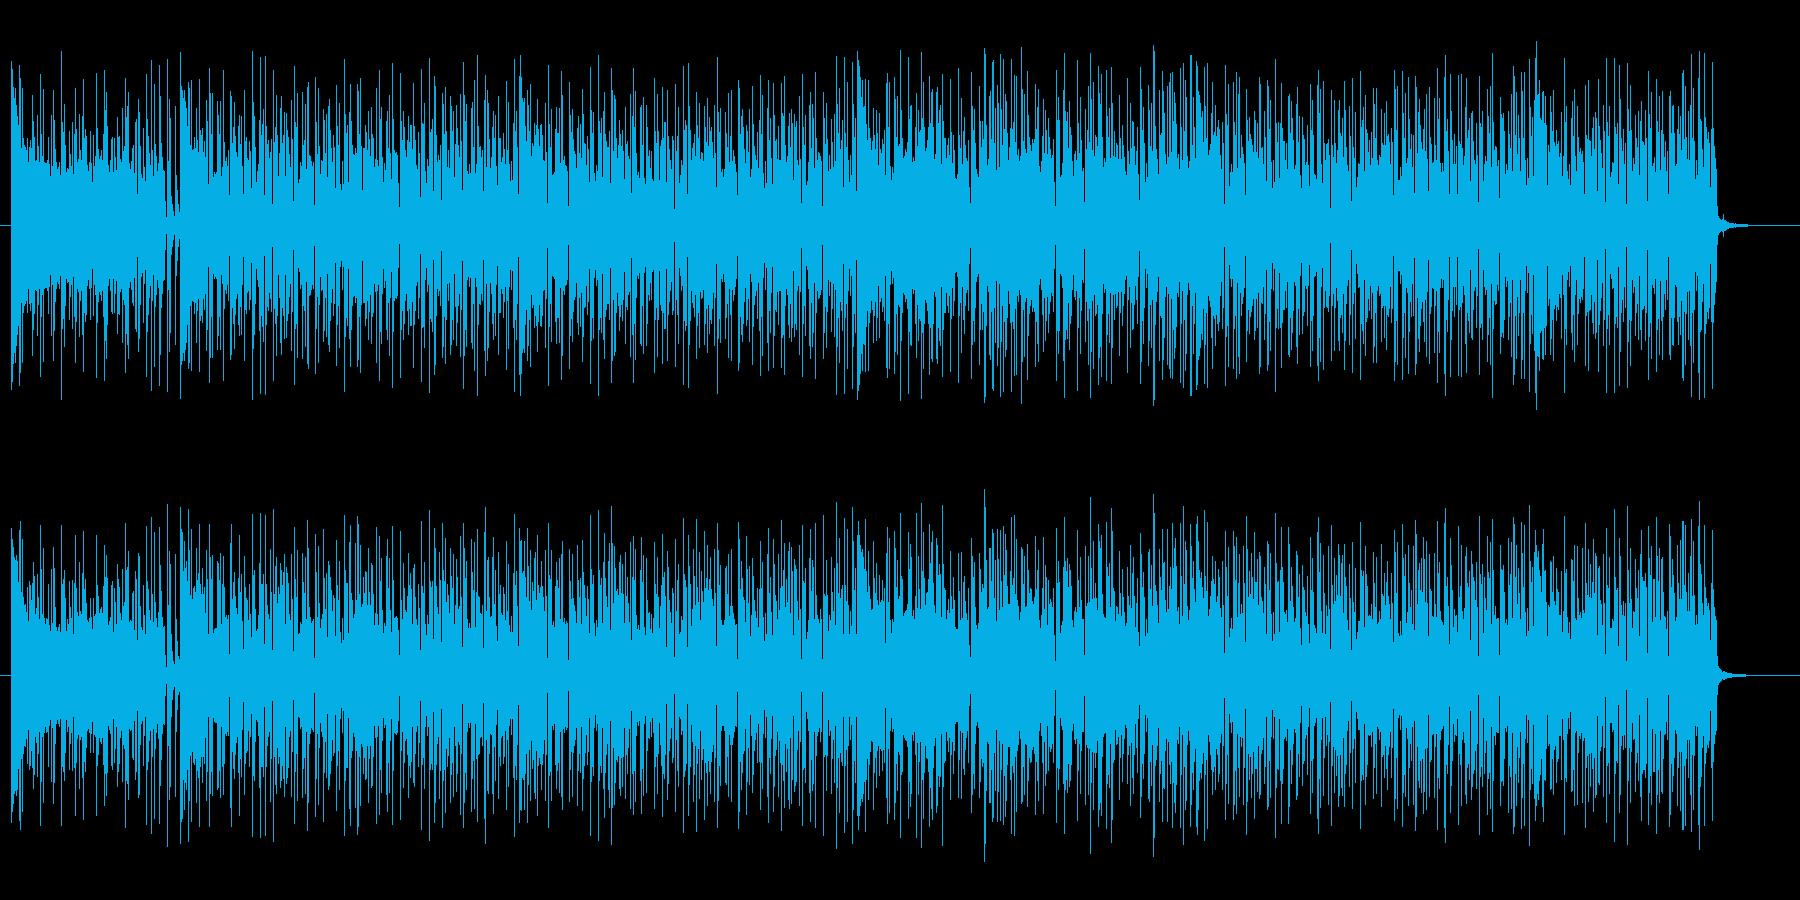 トロピカルで明るいシンセギターサウンドの再生済みの波形